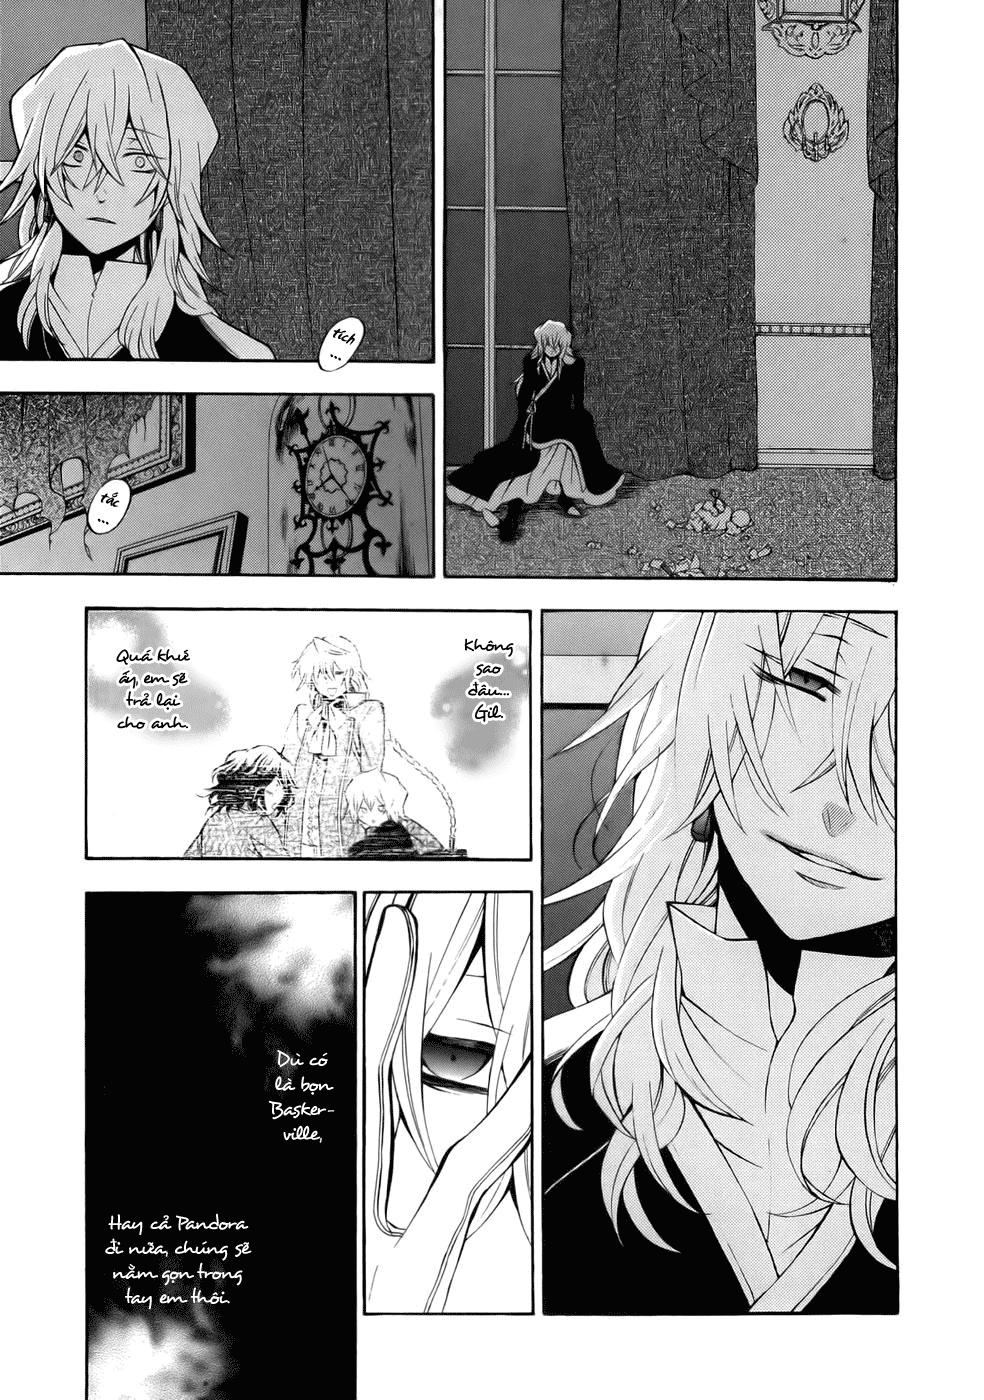 Pandora Hearts chương 039 - retrace: xxxix gate of blackness (tr.72. fixed ver.) trang 25